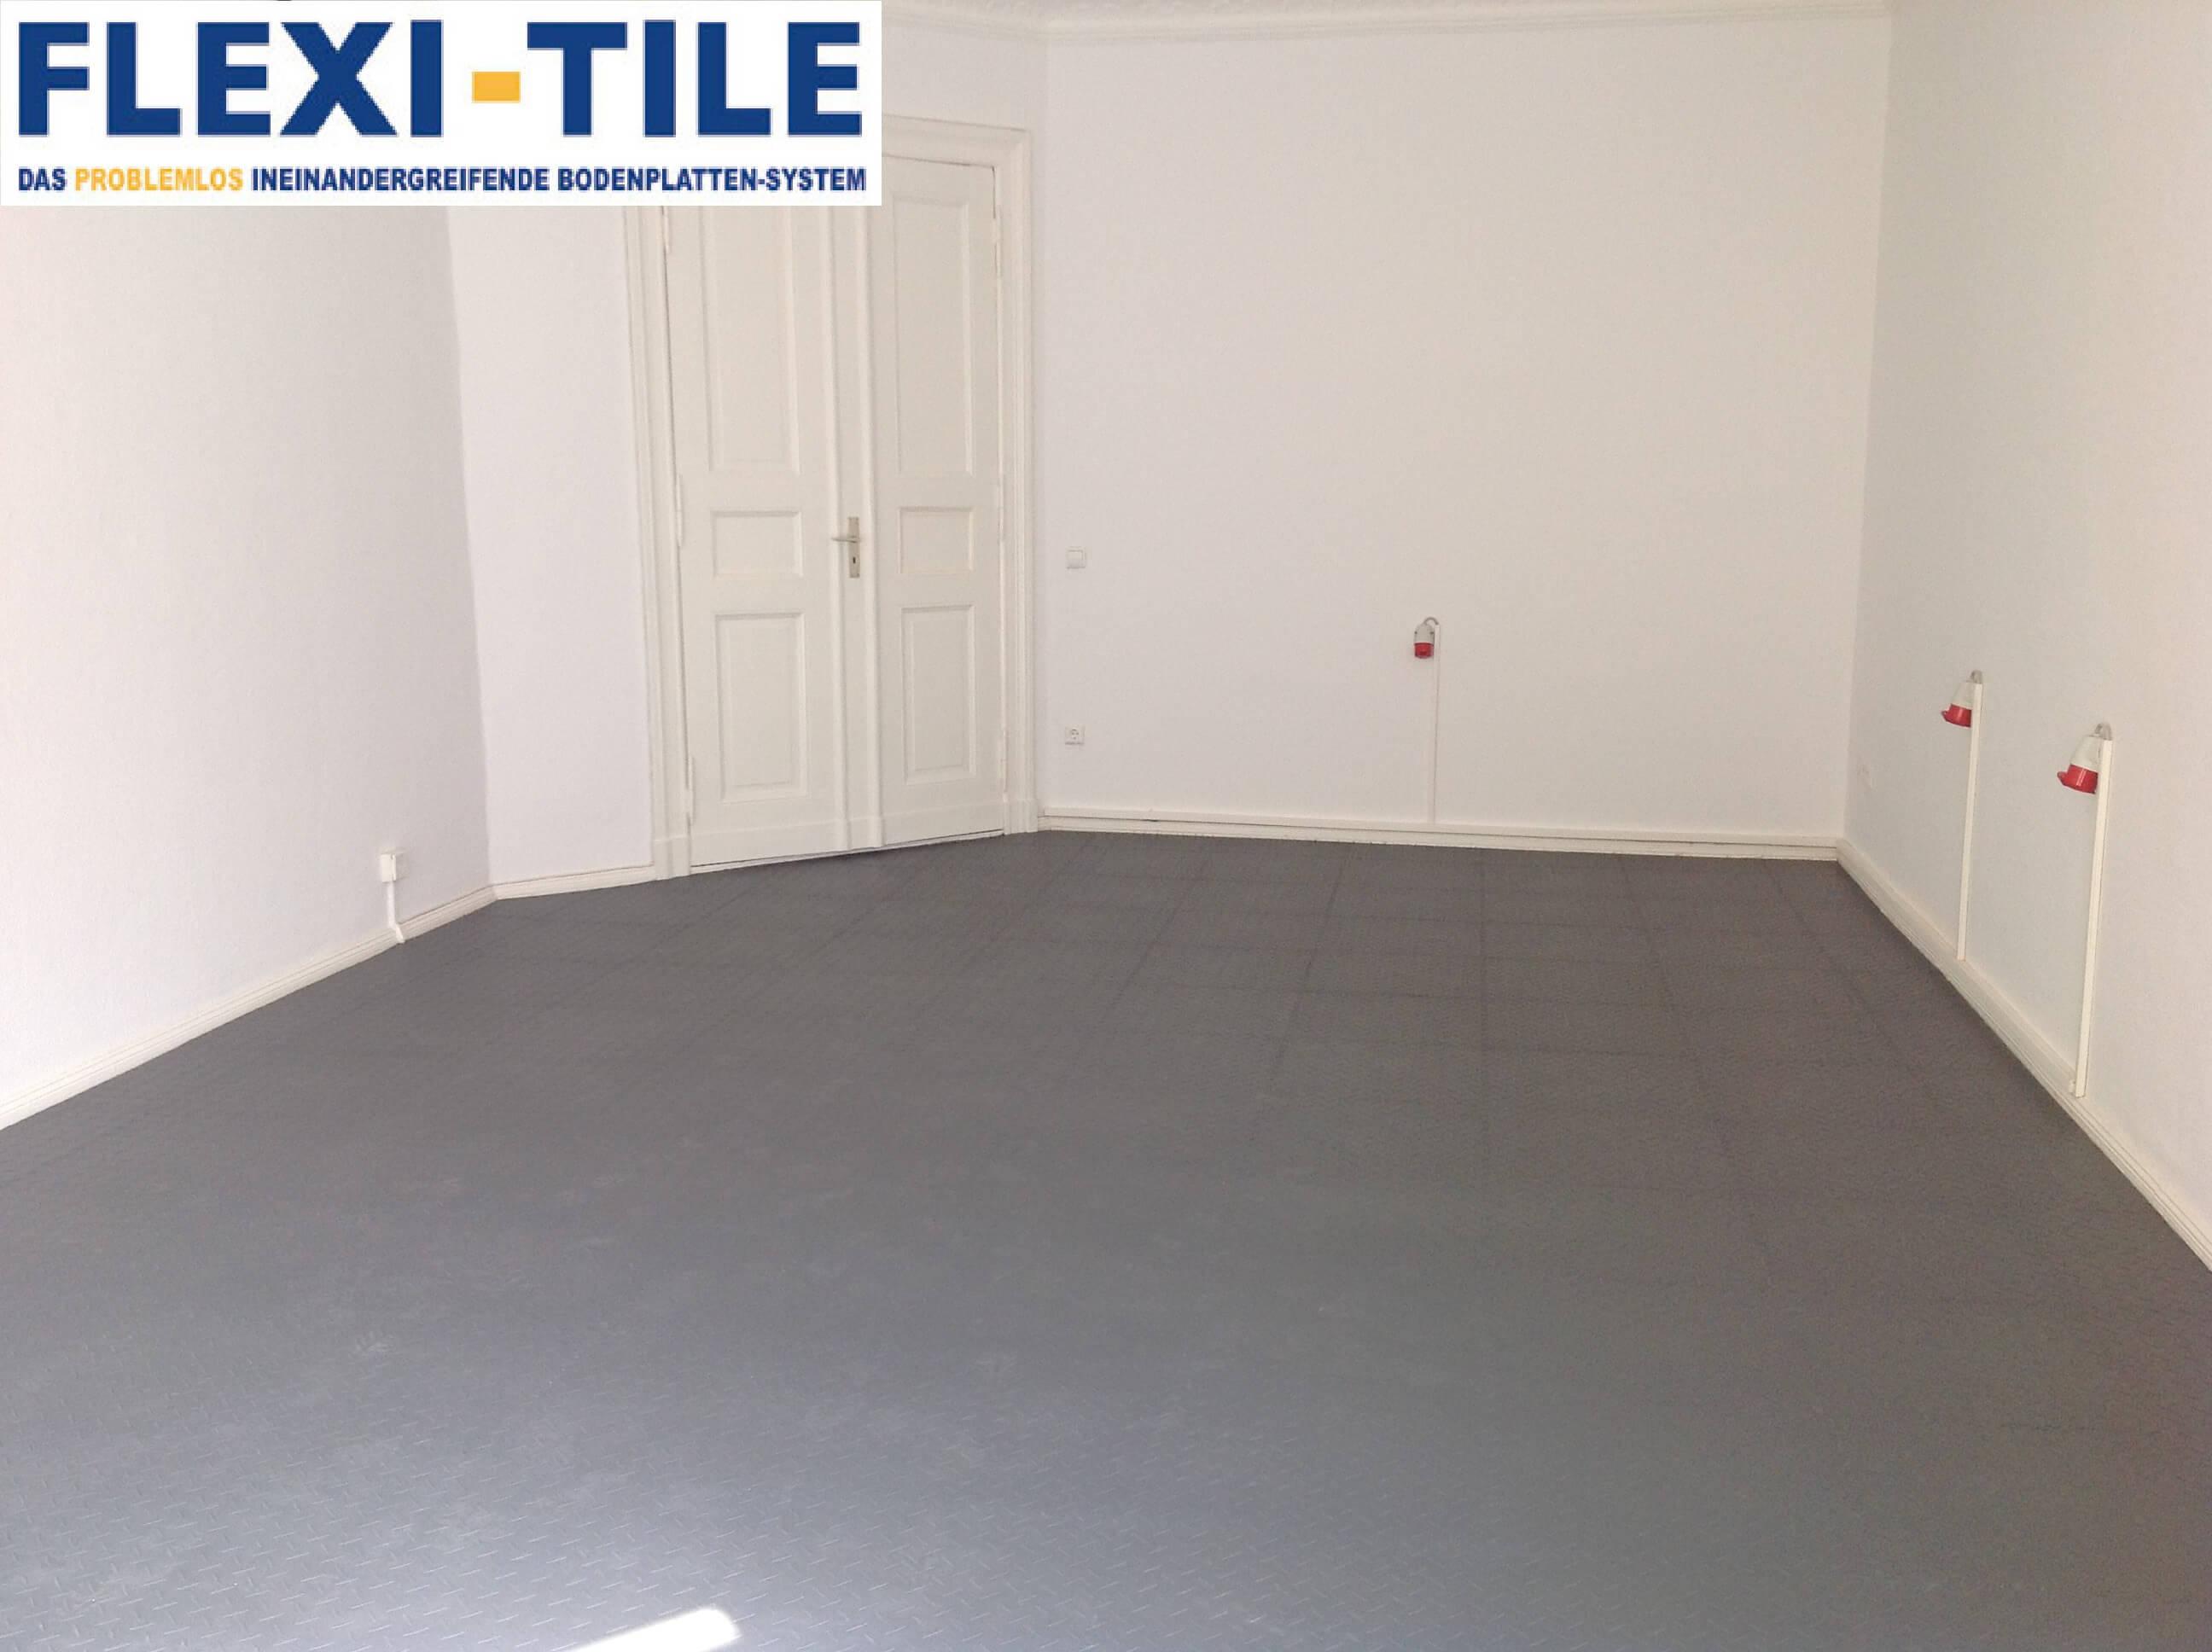 flexi tile pvc bodenfliesen als ladenboden. Black Bedroom Furniture Sets. Home Design Ideas